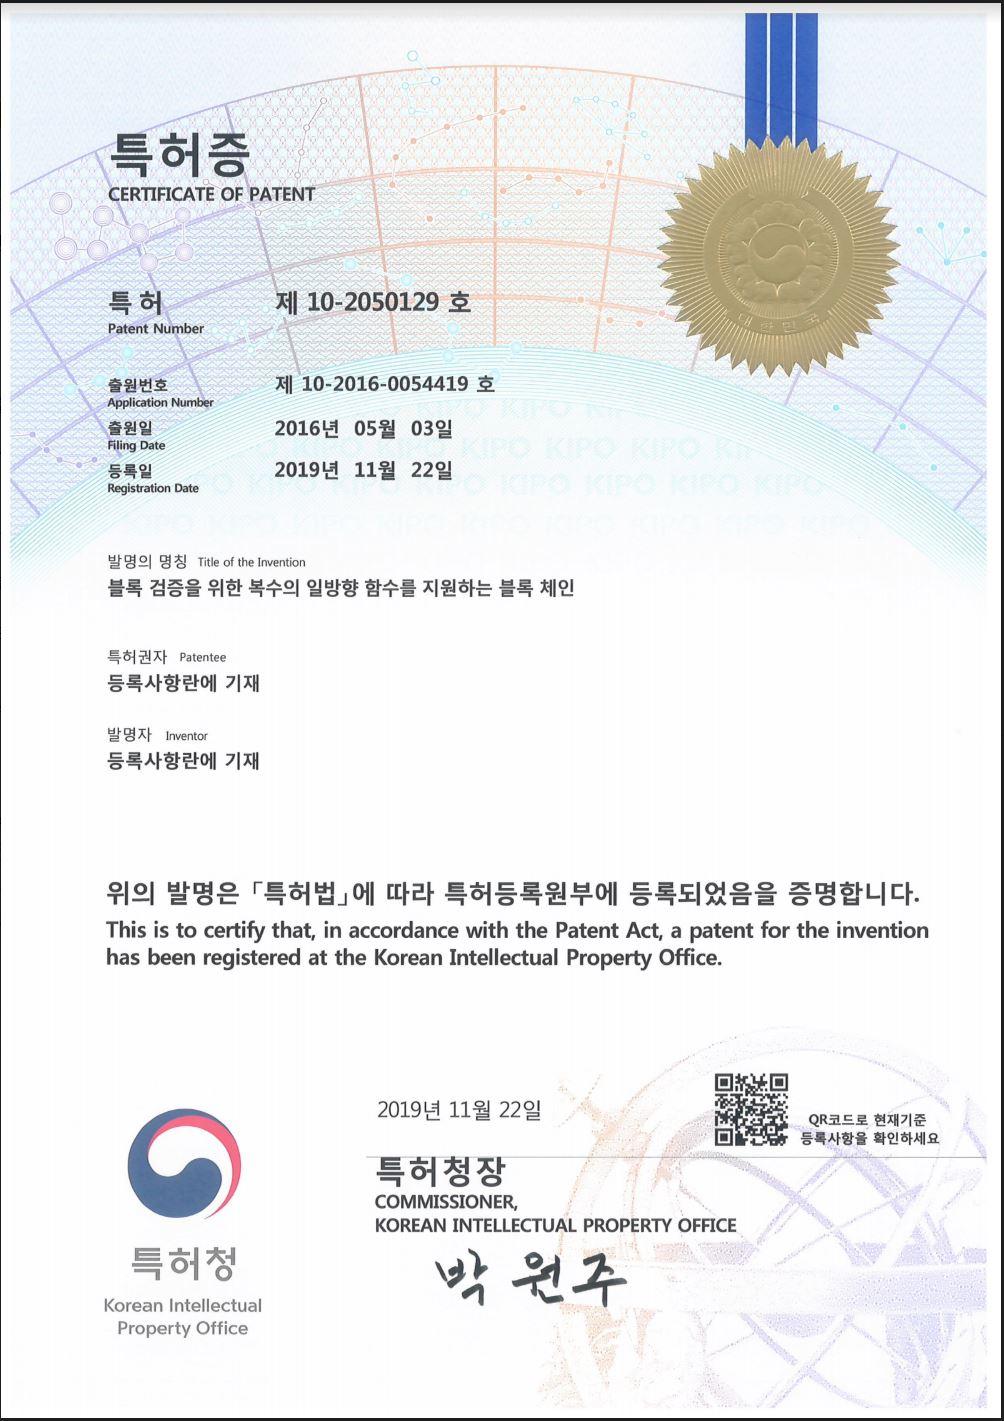 트러스트팜-블록체인-특허등록증.JPG